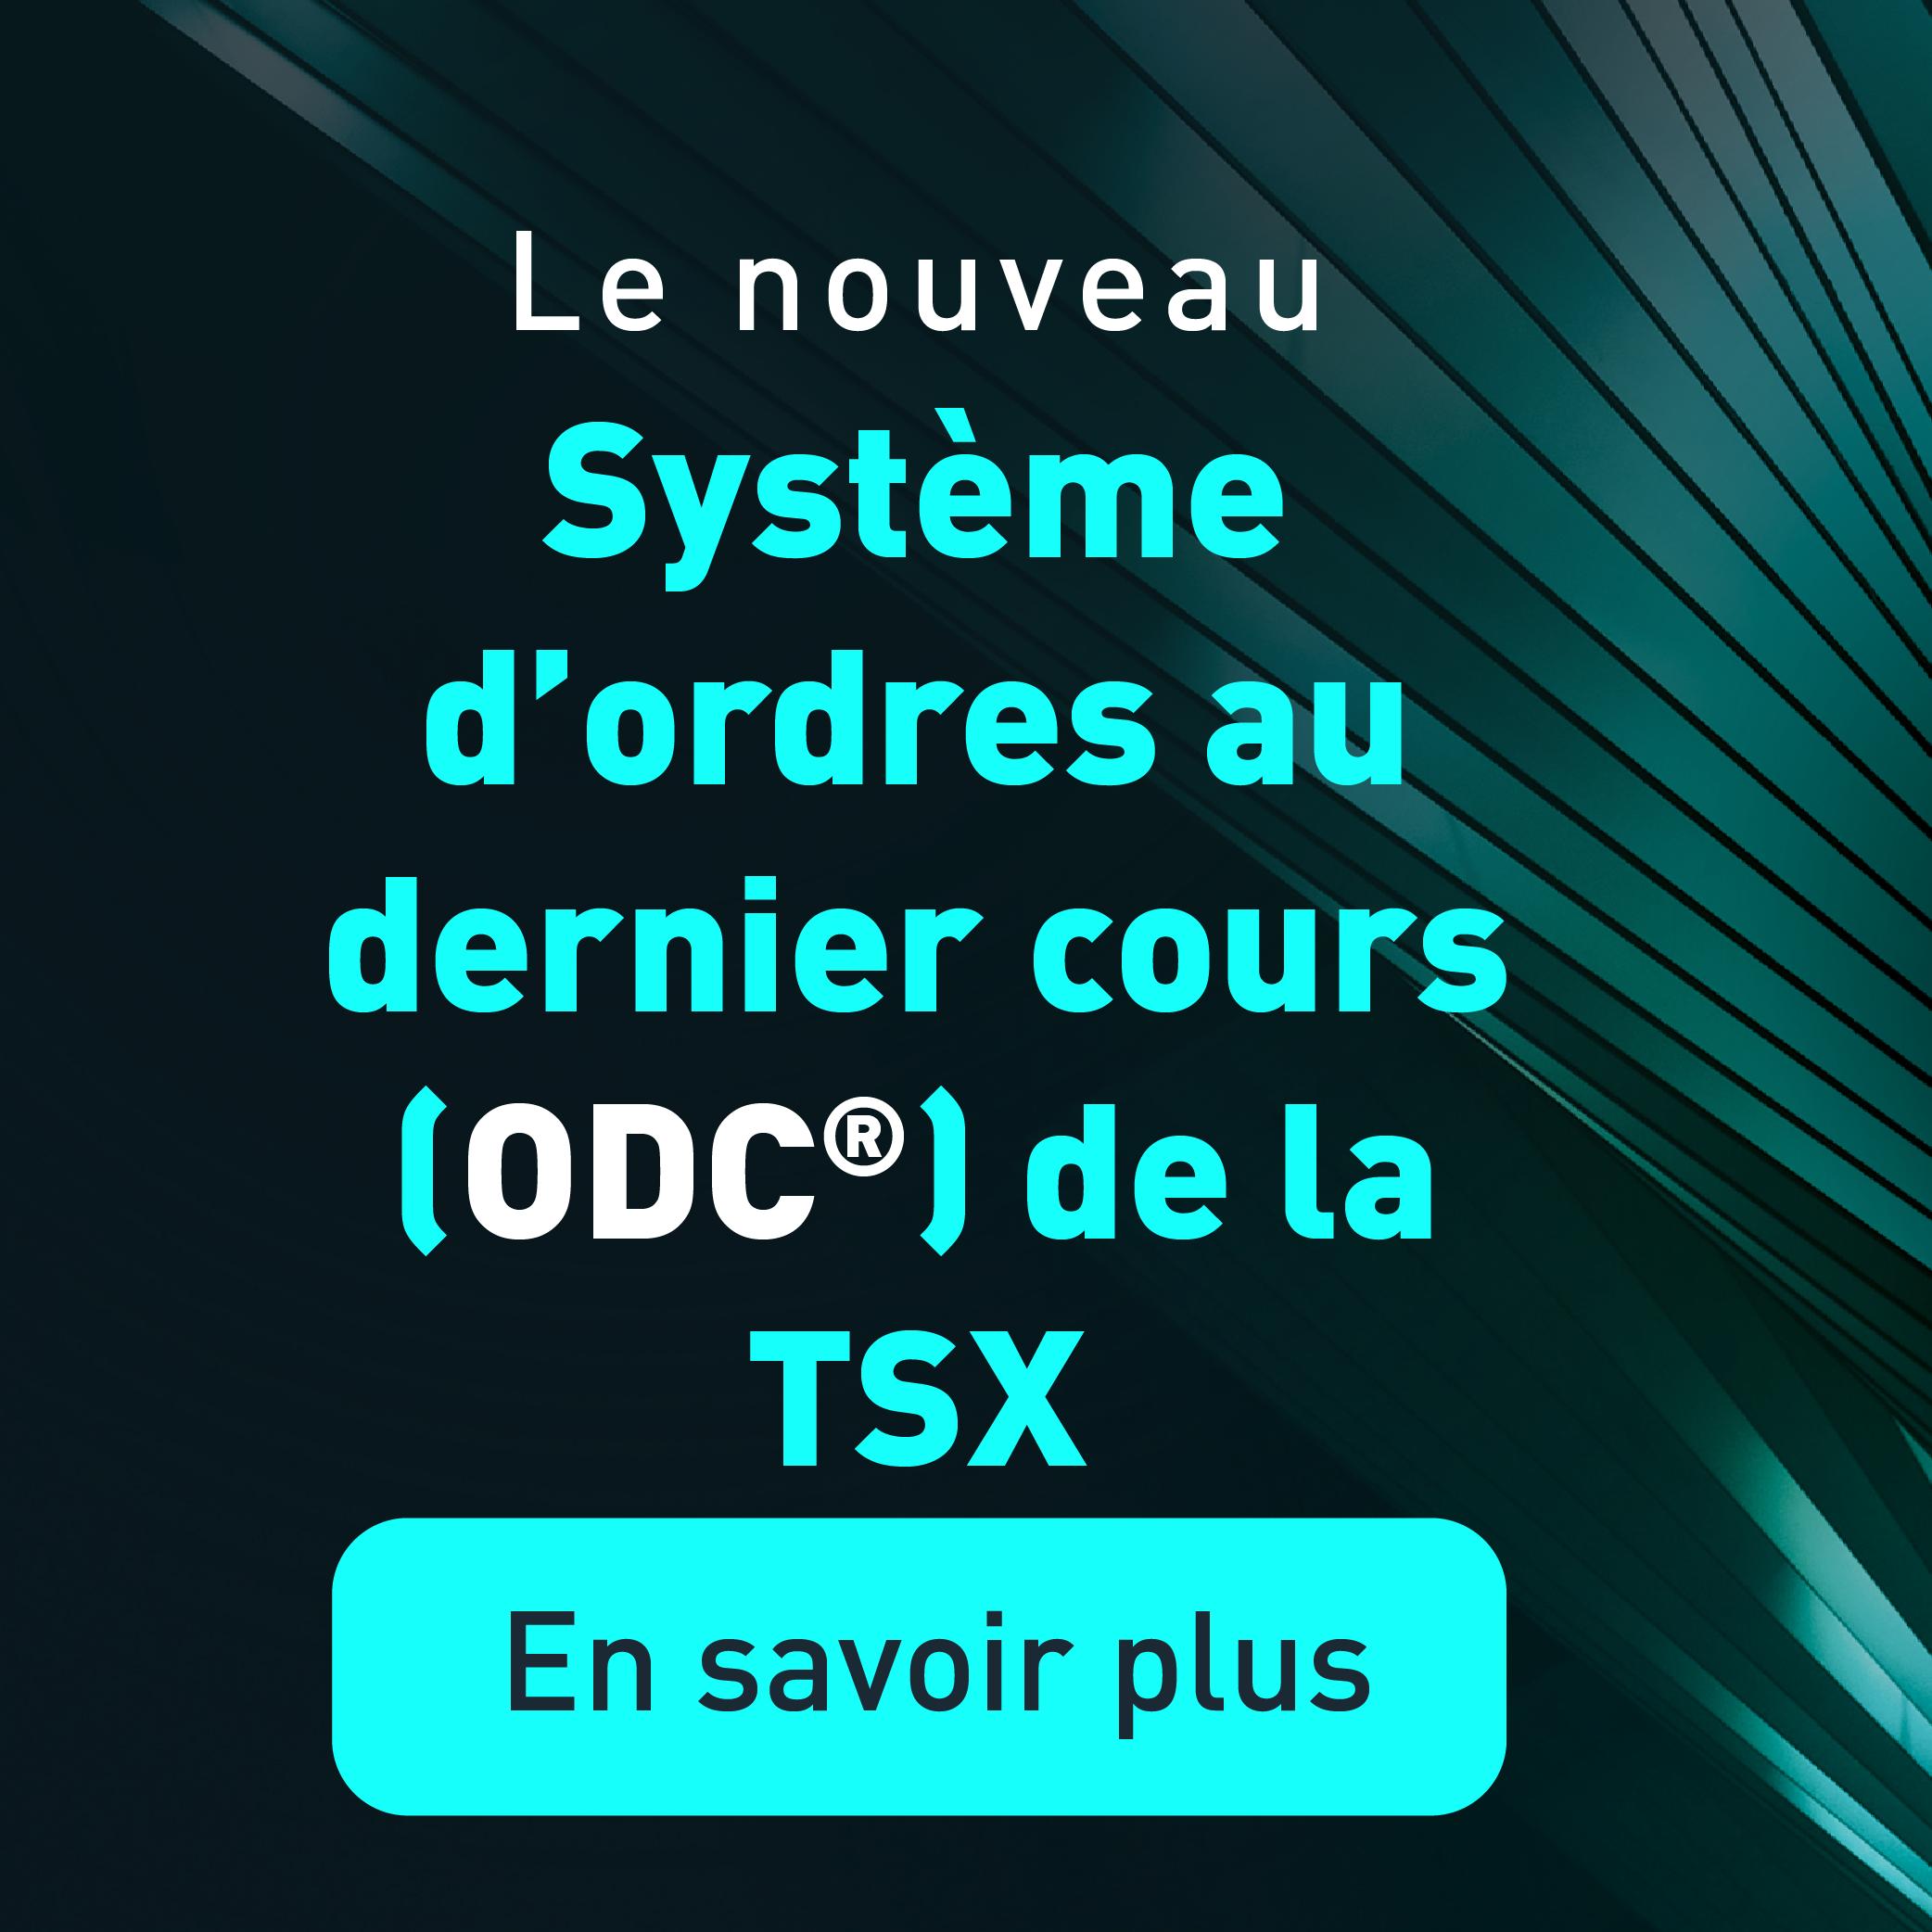 Le nouveau Système d'ordres au dernier cours (ODC) de la TSX